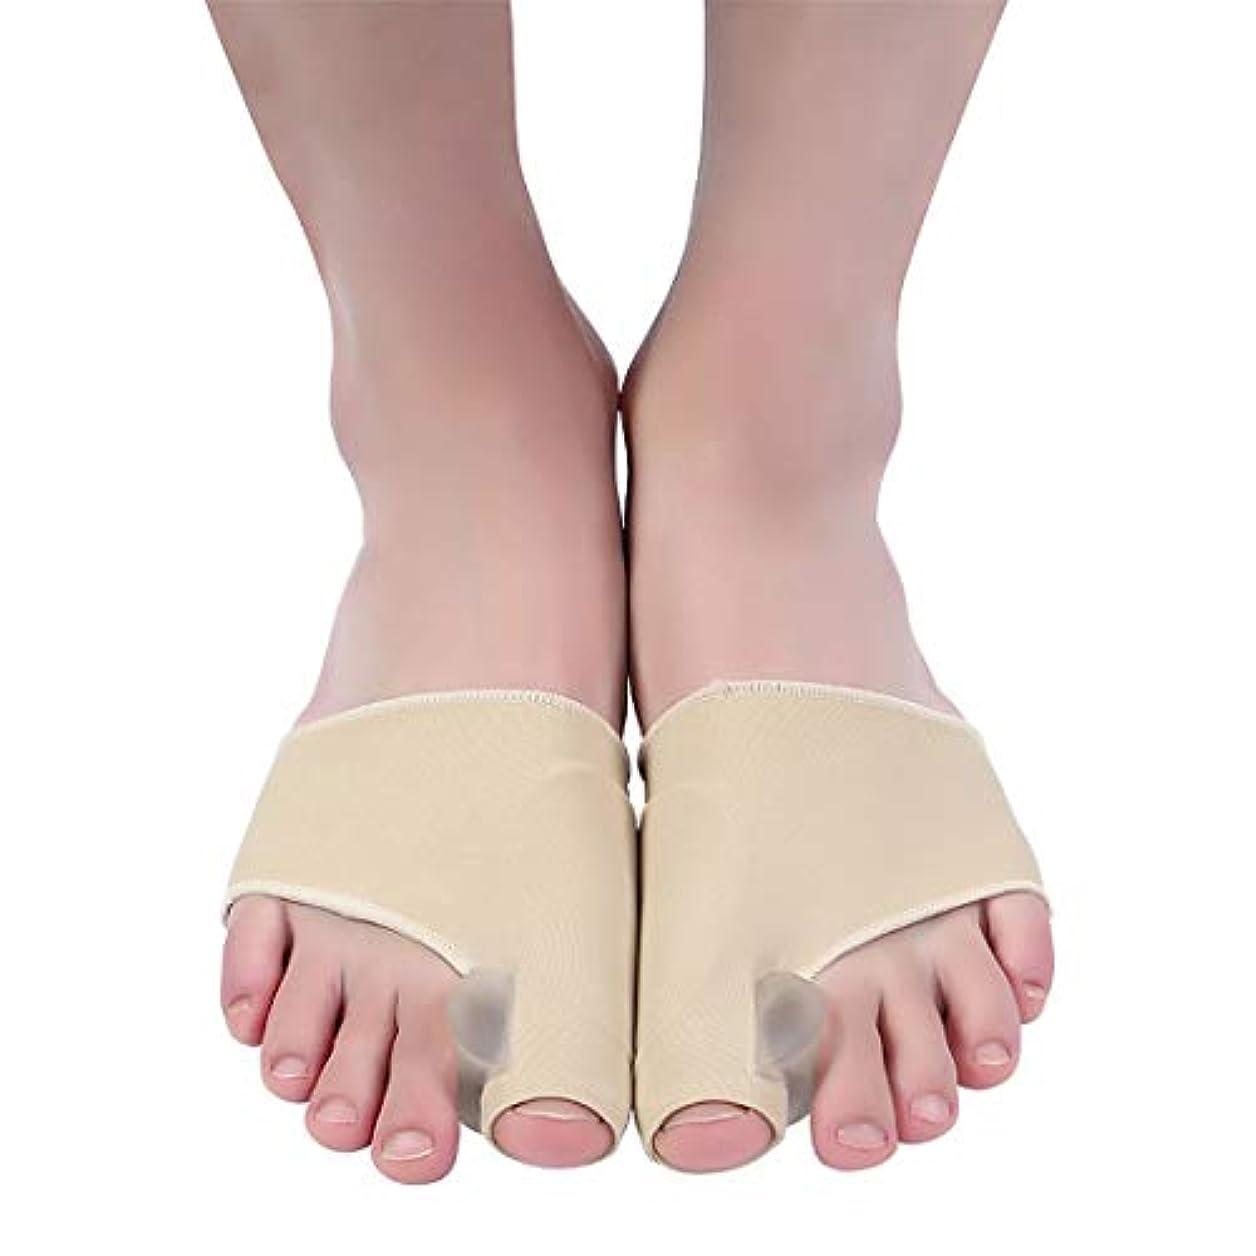 シュート対称狂った腱膜瘤矯正と腱膜瘤救済、女性と男性のための整形外科の足の親指矯正、昼夜のサポート、外反母Valの治療と予防